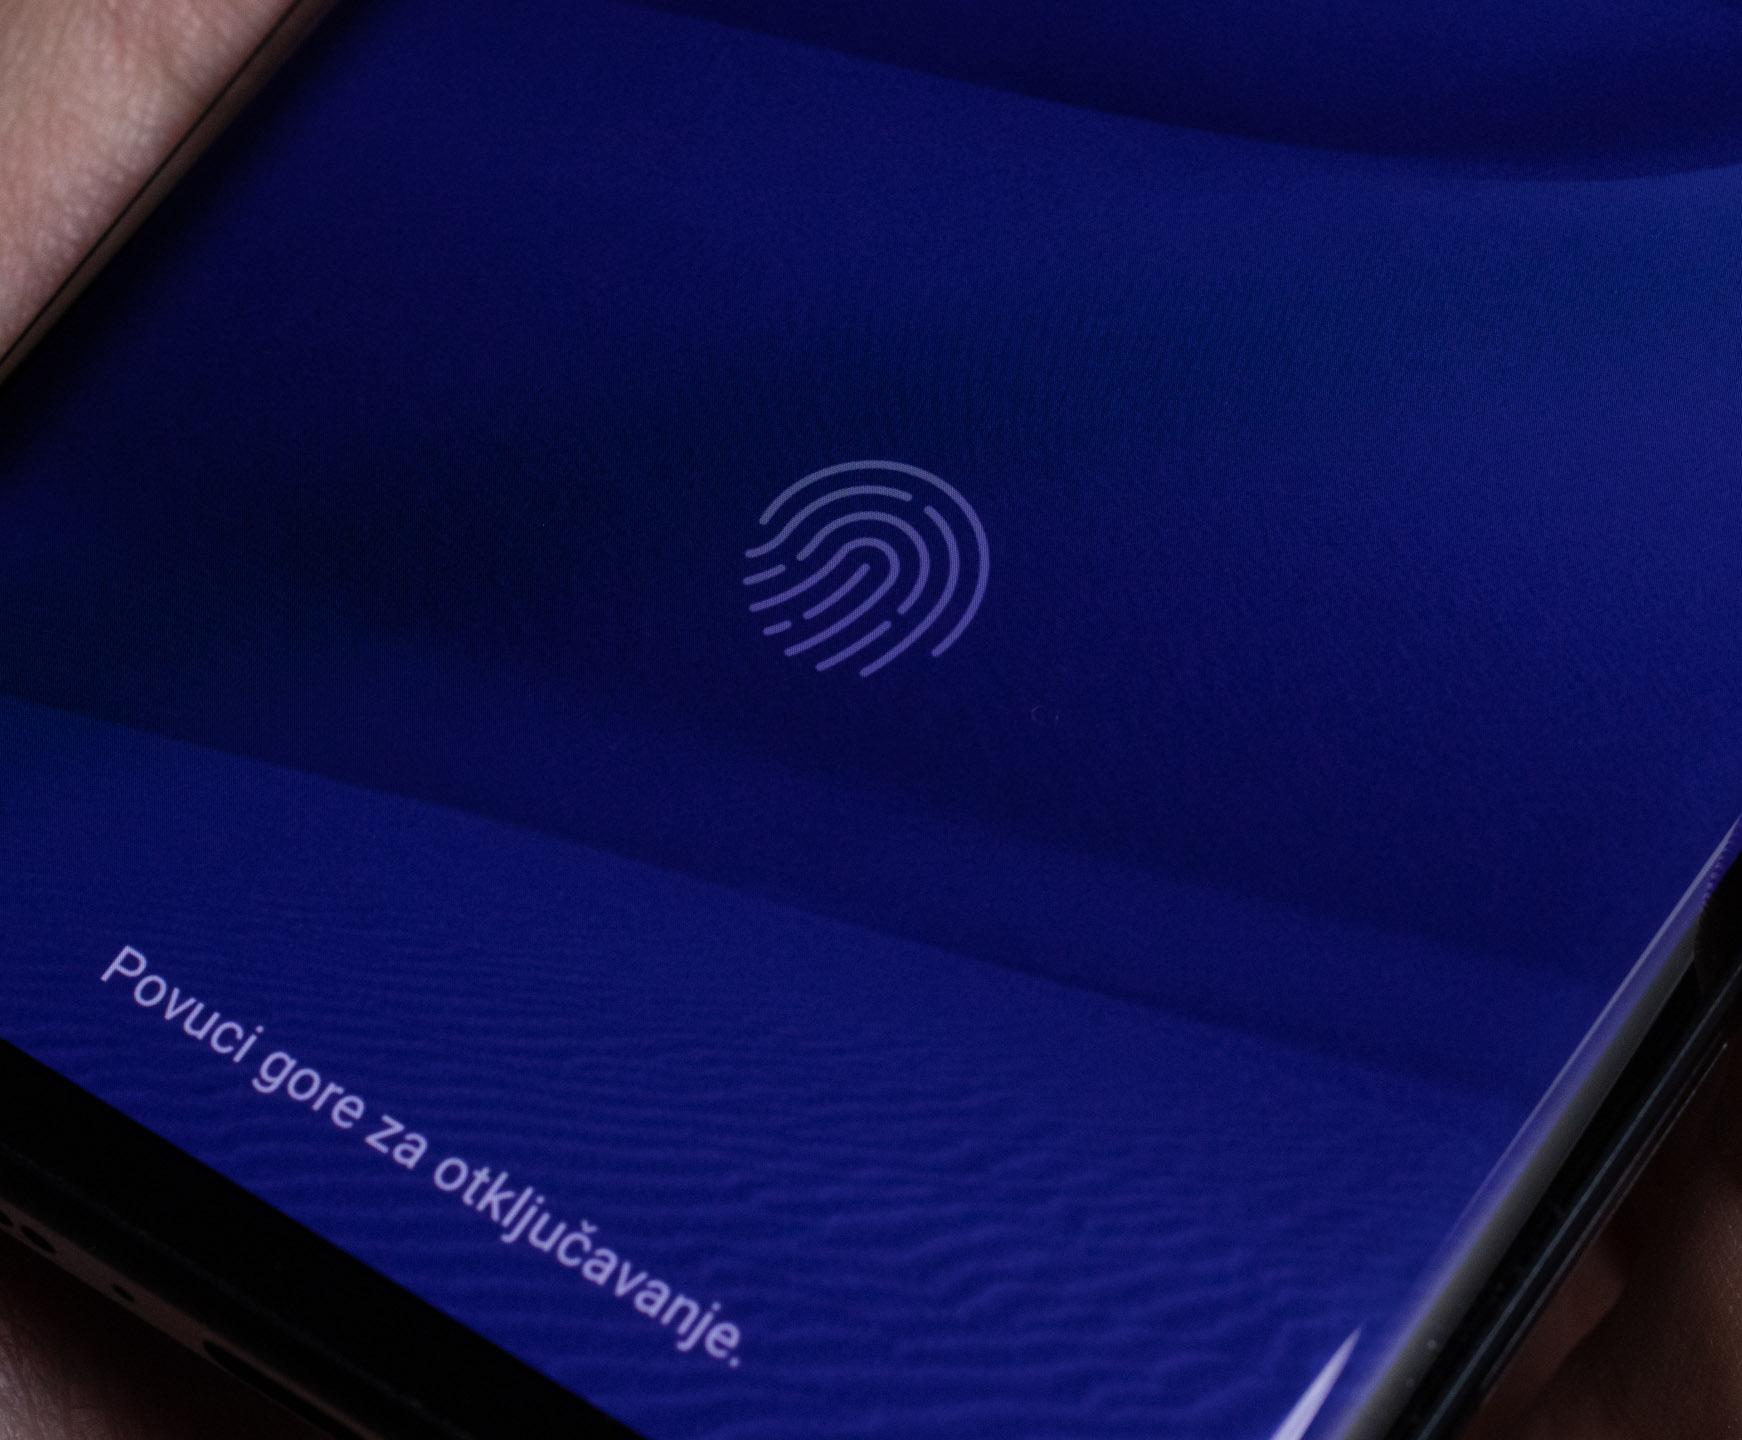 Senzor otiska prsta